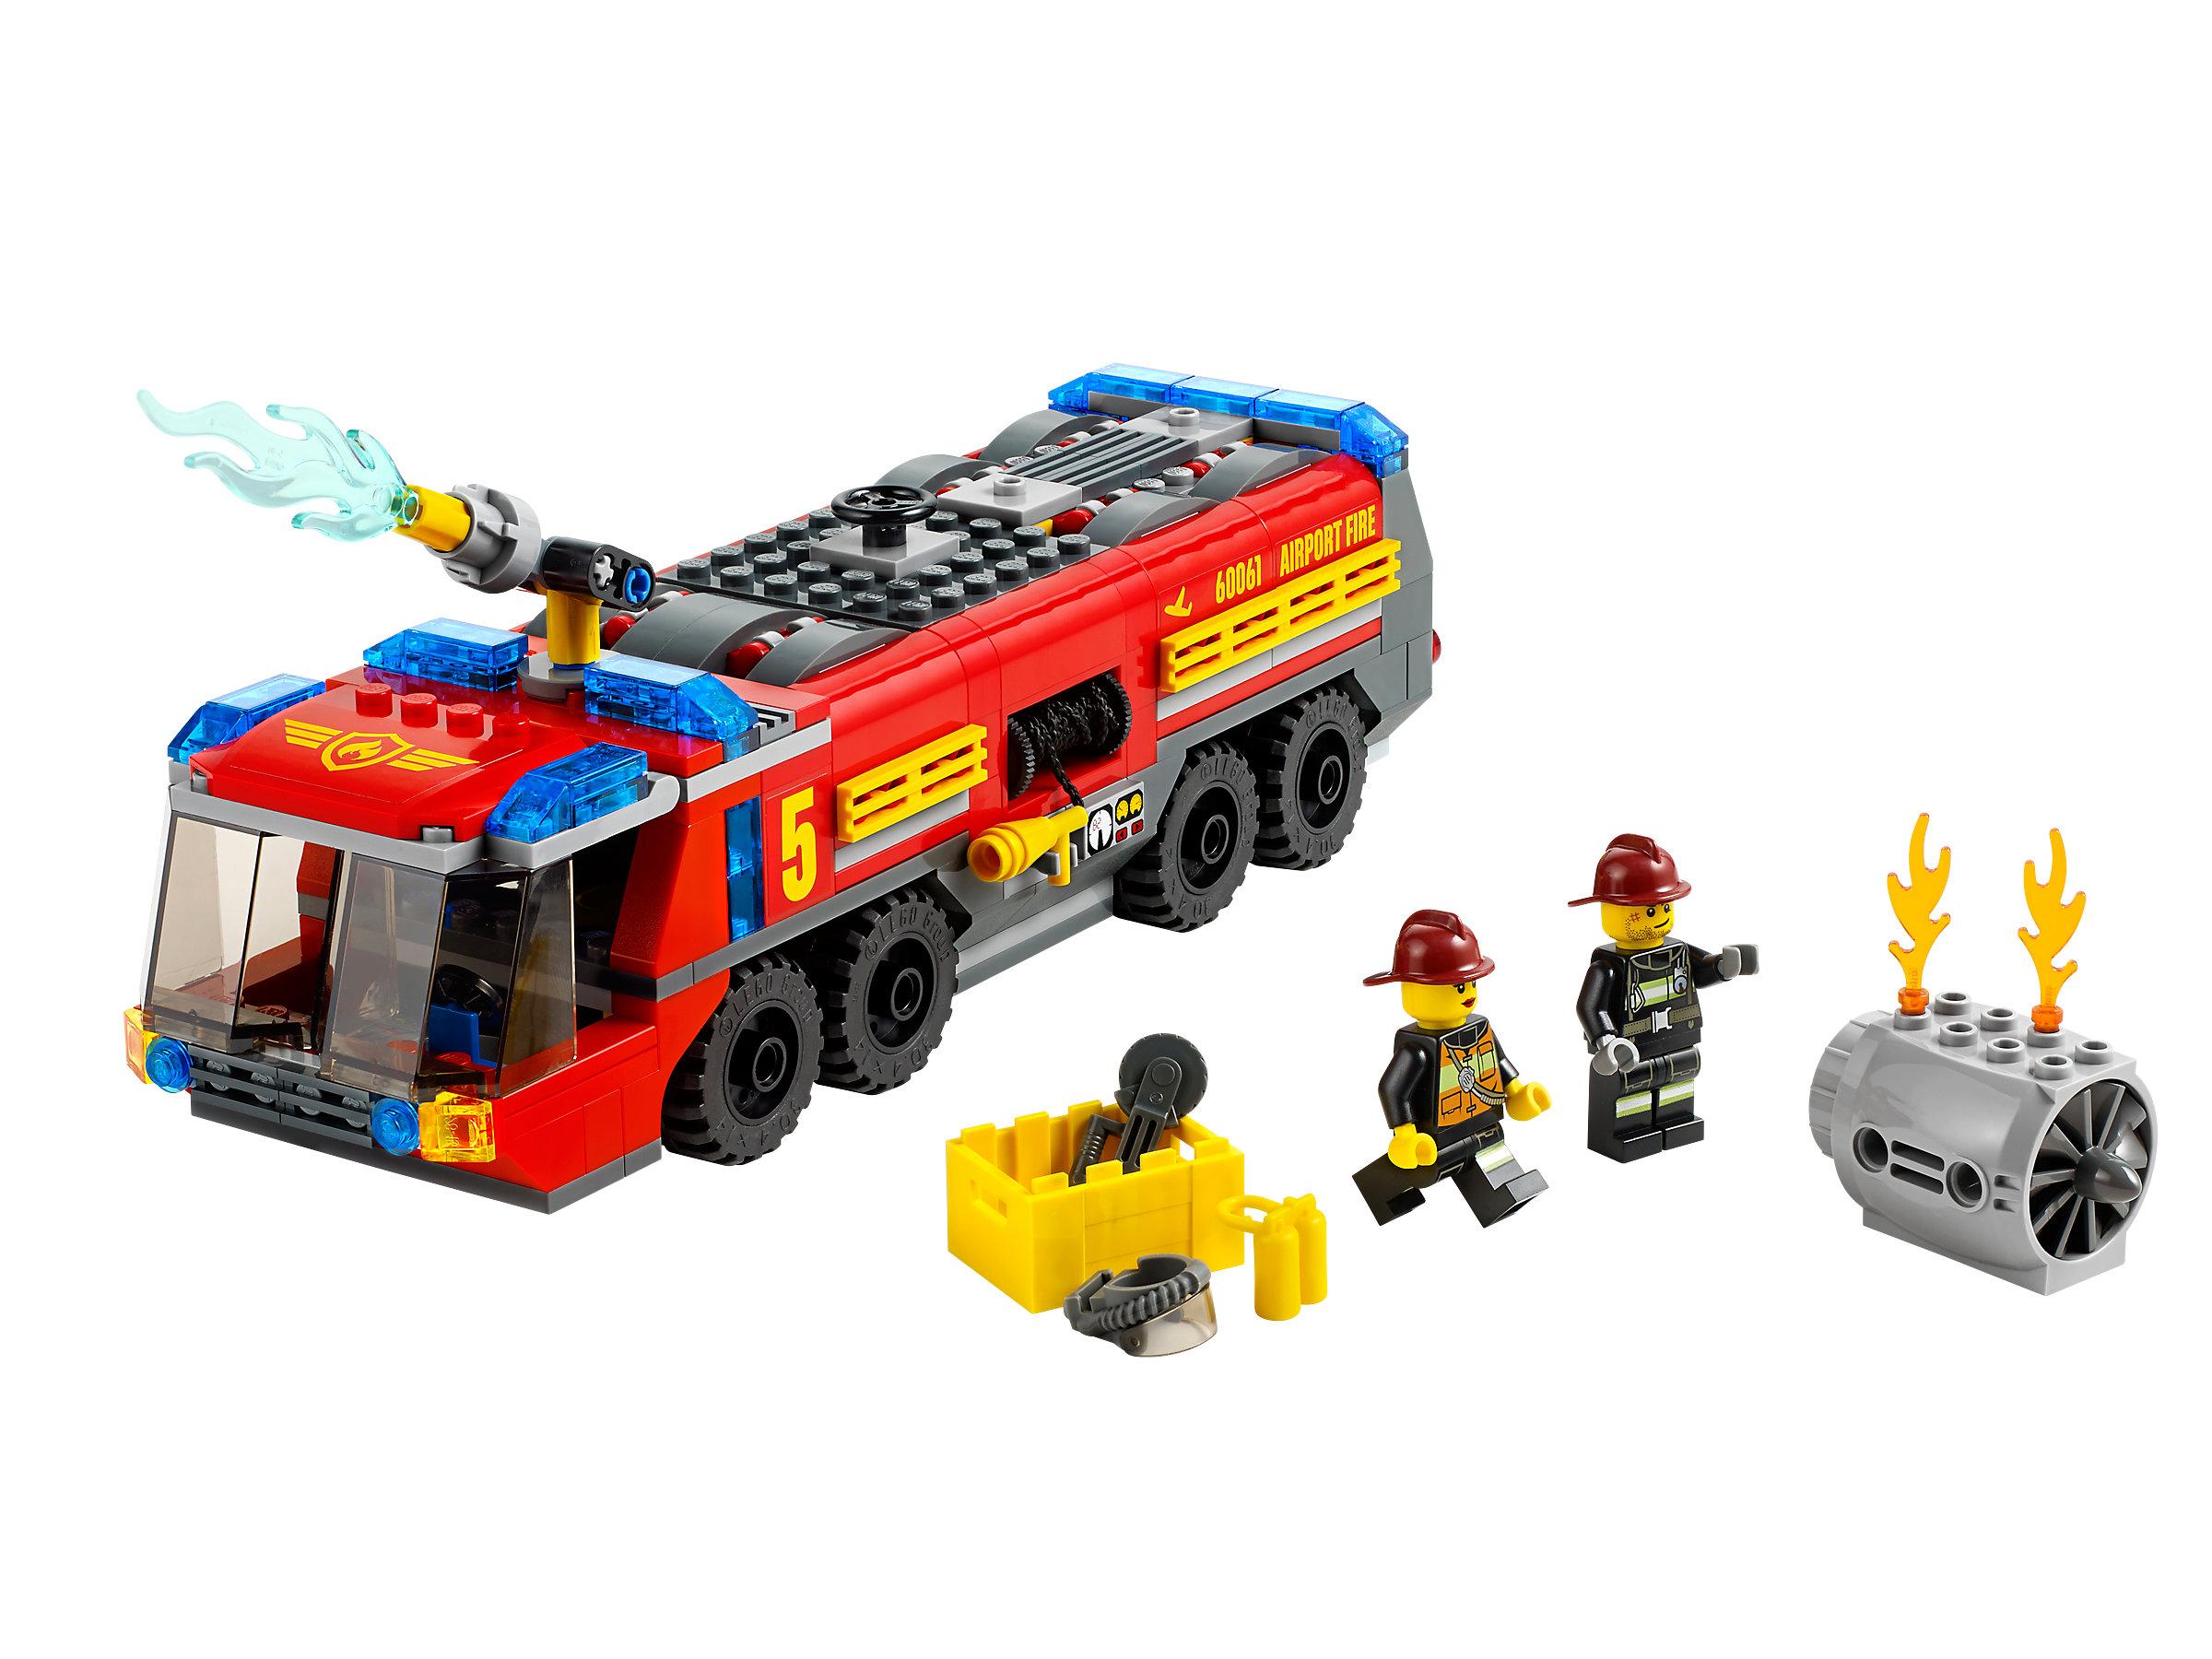 Flughafen-Feuerwehrfahrzeug 60061 innen Lego Flughafenfeuerwehr